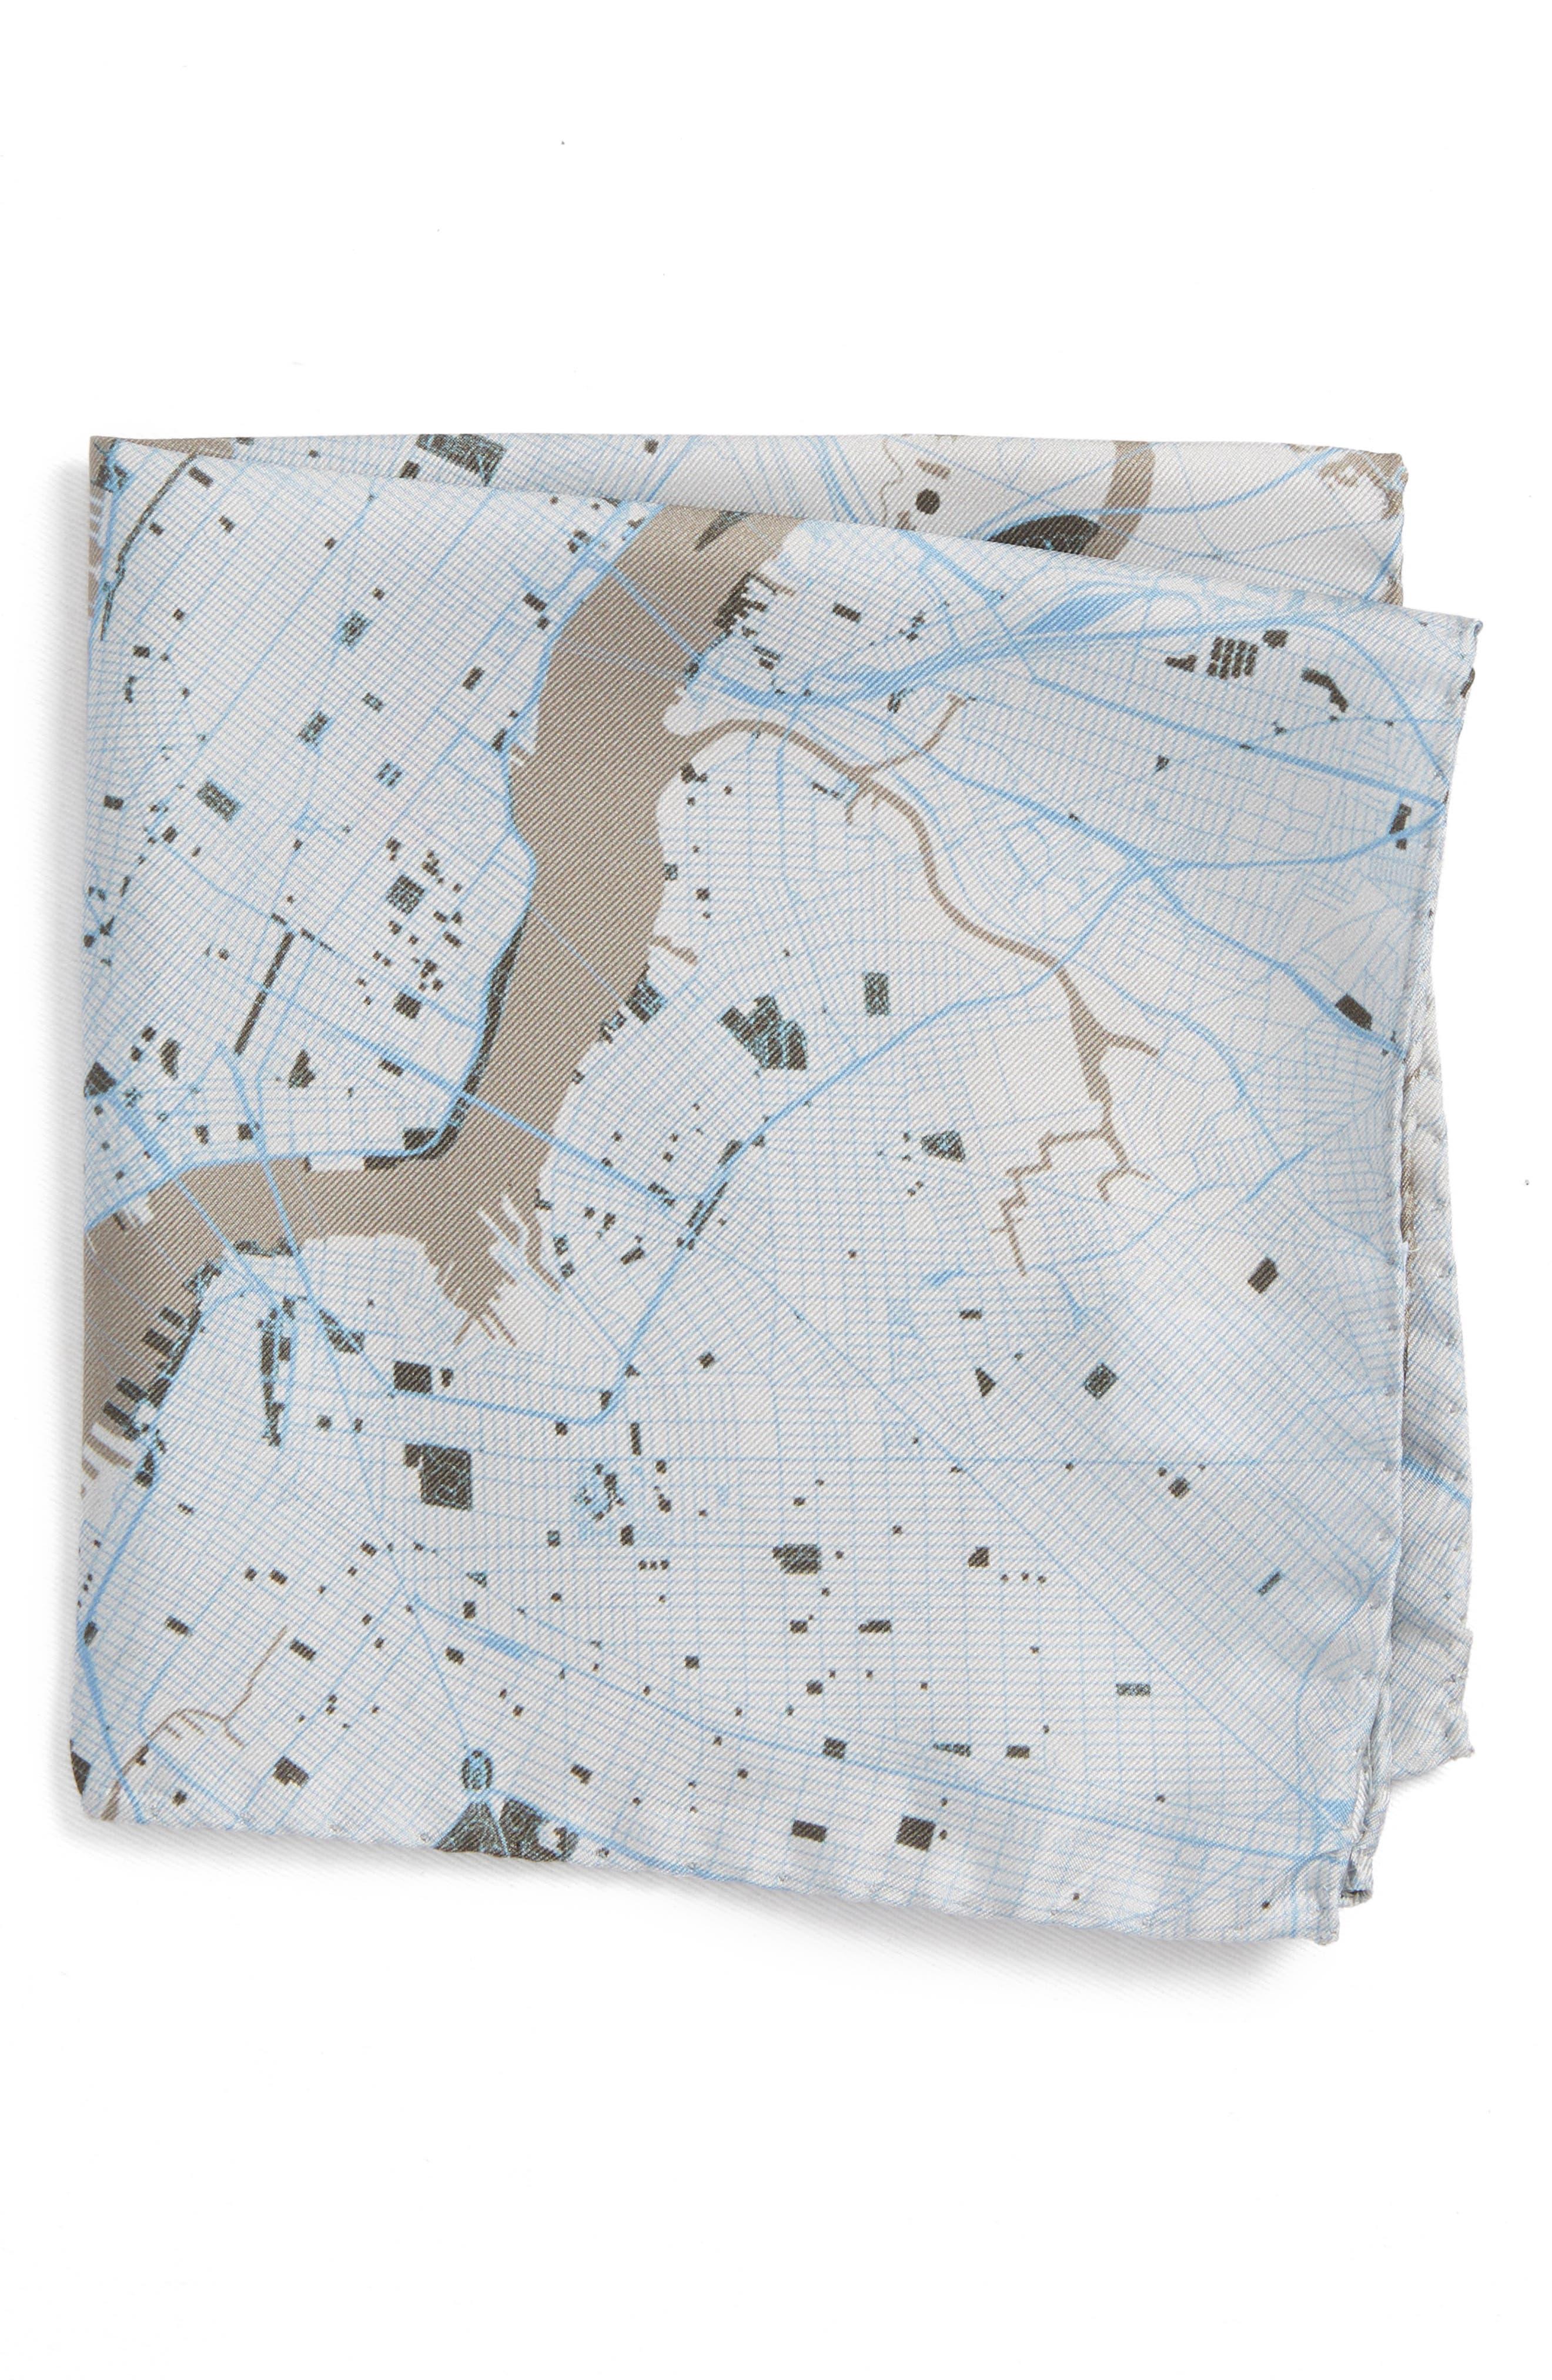 Subway Map Silk Pocket Square,                         Main,                         color, GREY